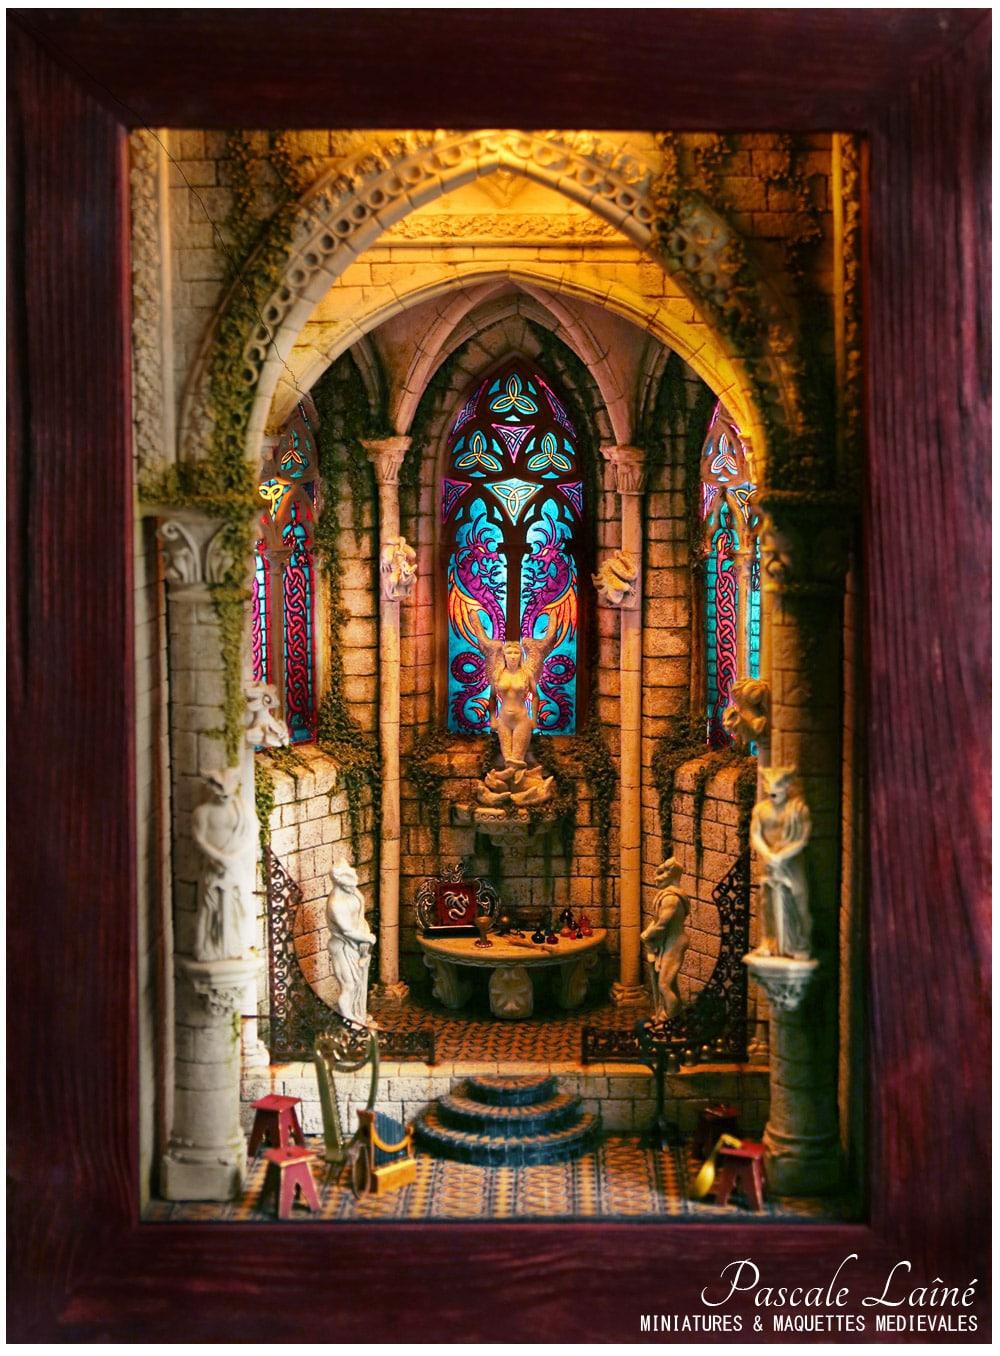 Maquettes médiévales : Ode à Mélusine, un oeuvre de Pascale Lainé